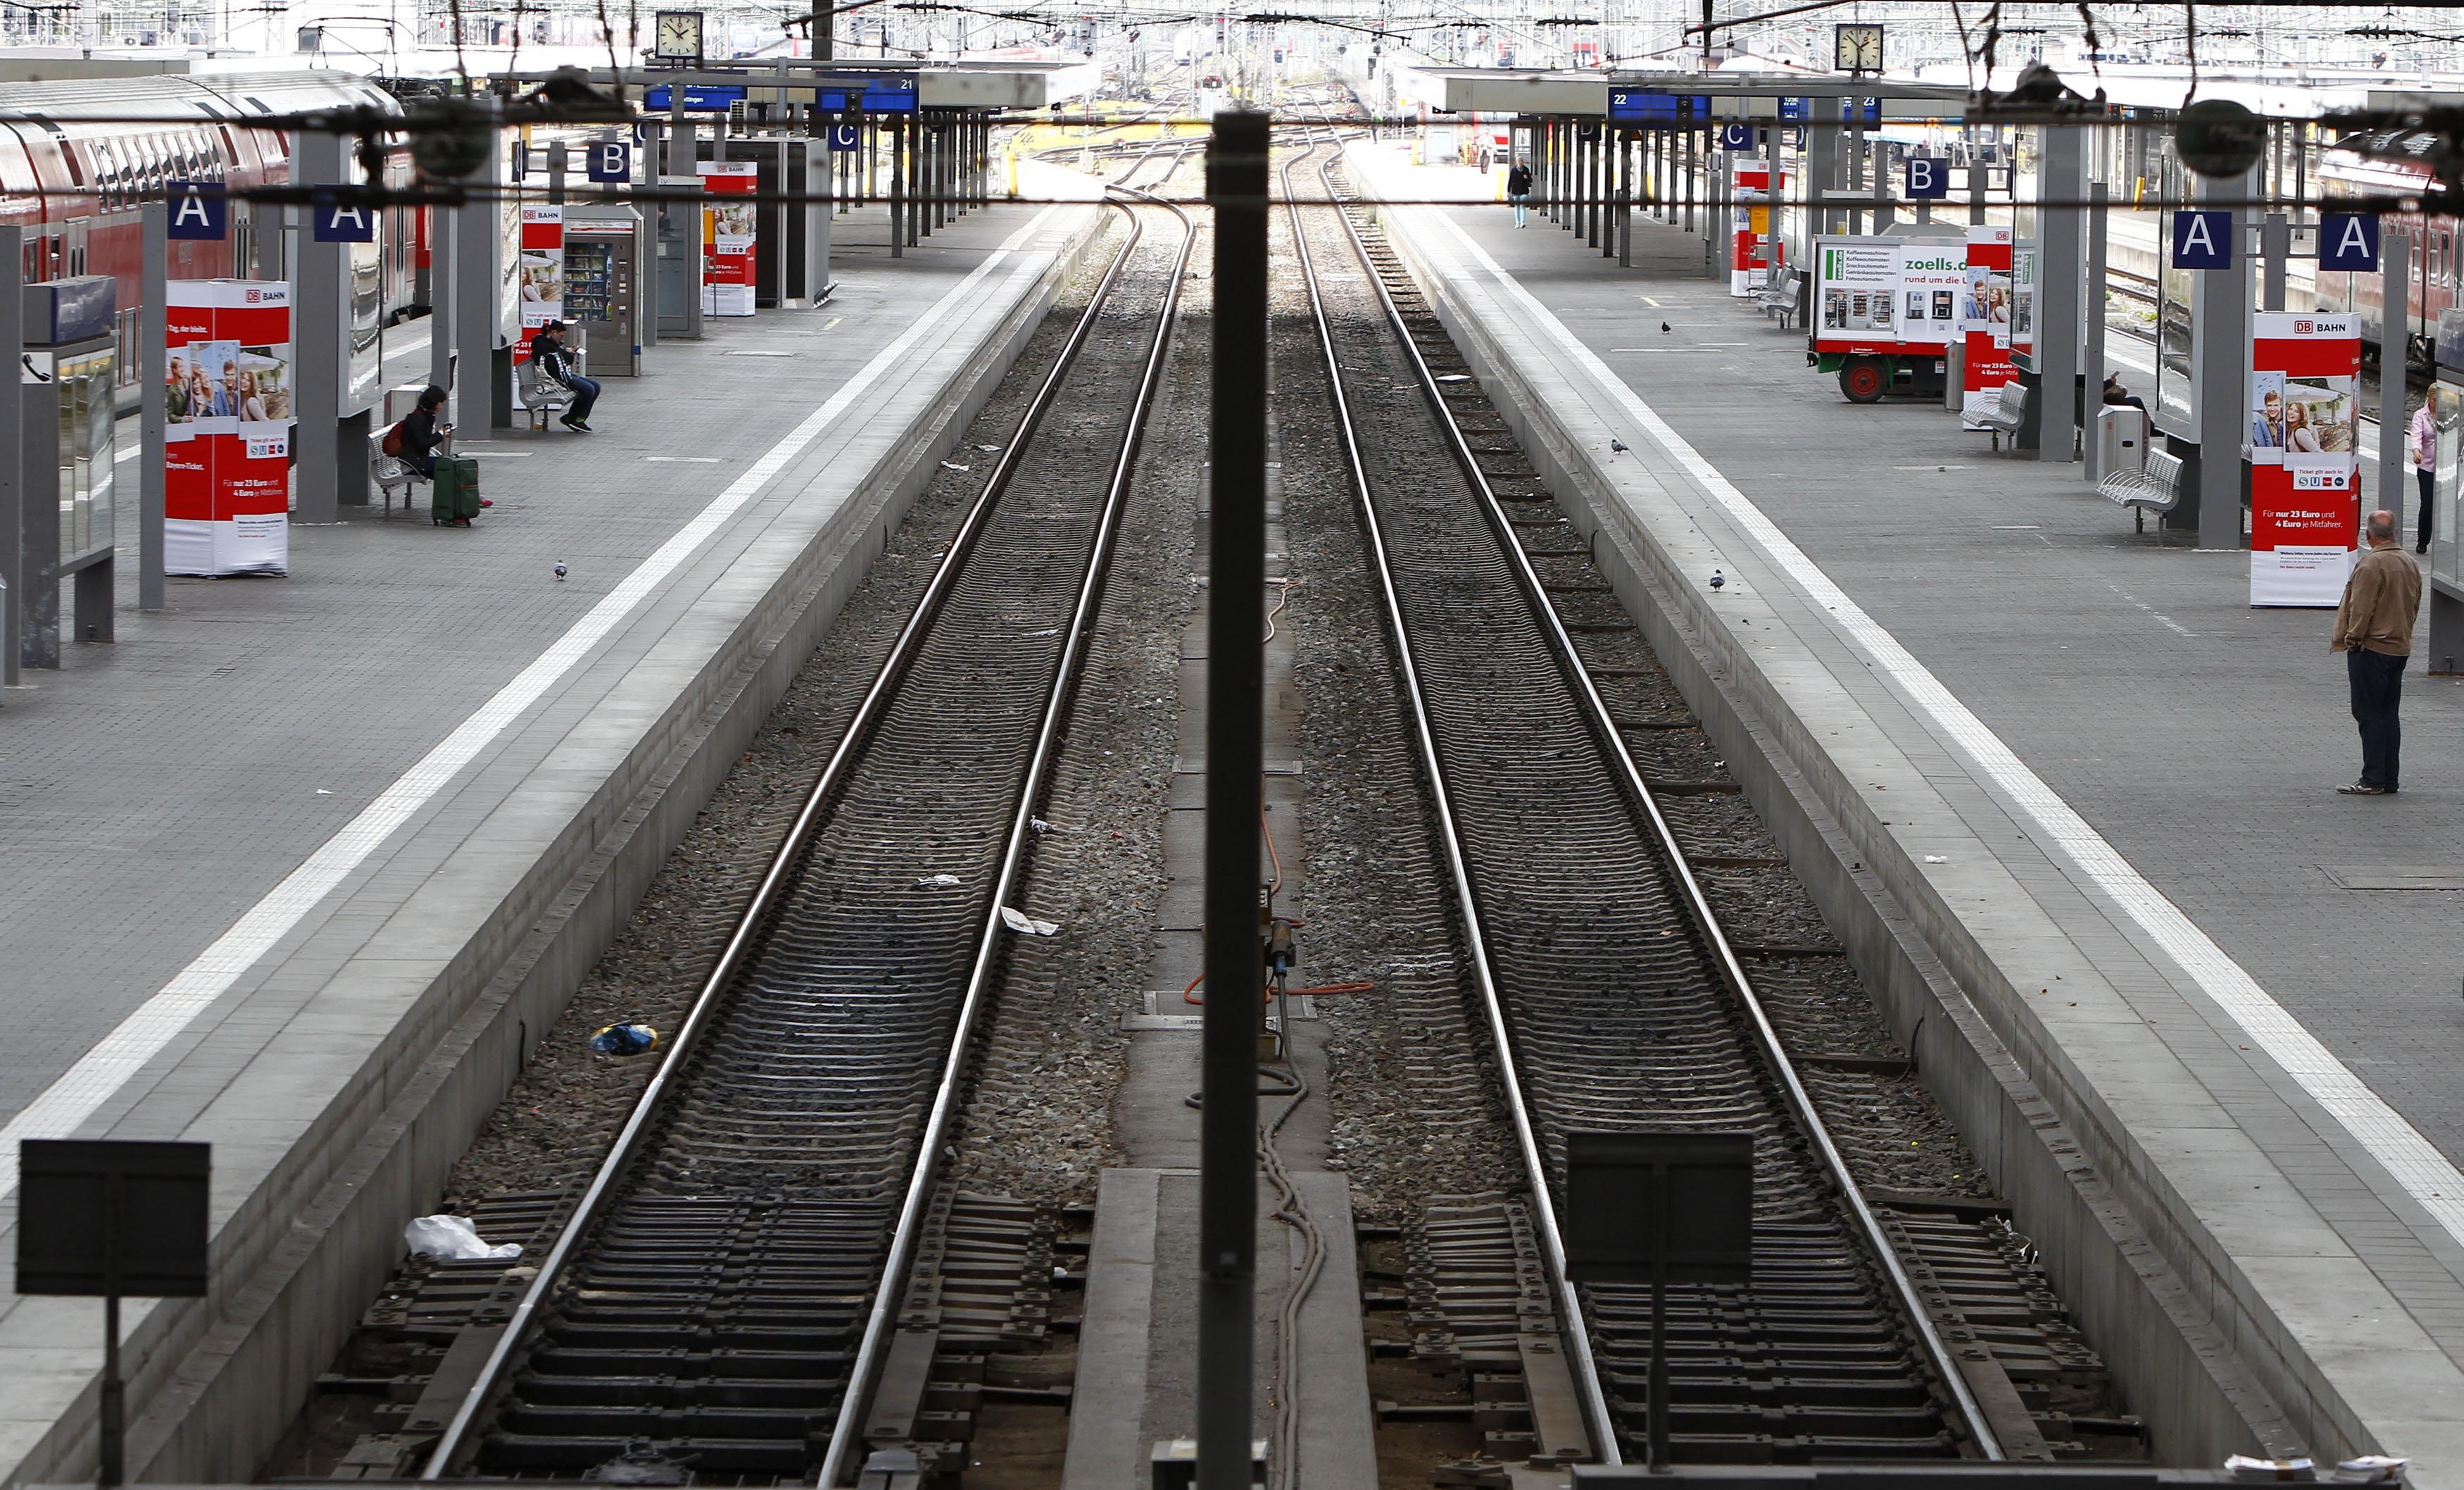 Grausamer Verdacht: Kölner Polizist mit Absicht vor Straßenbahn gestoßen